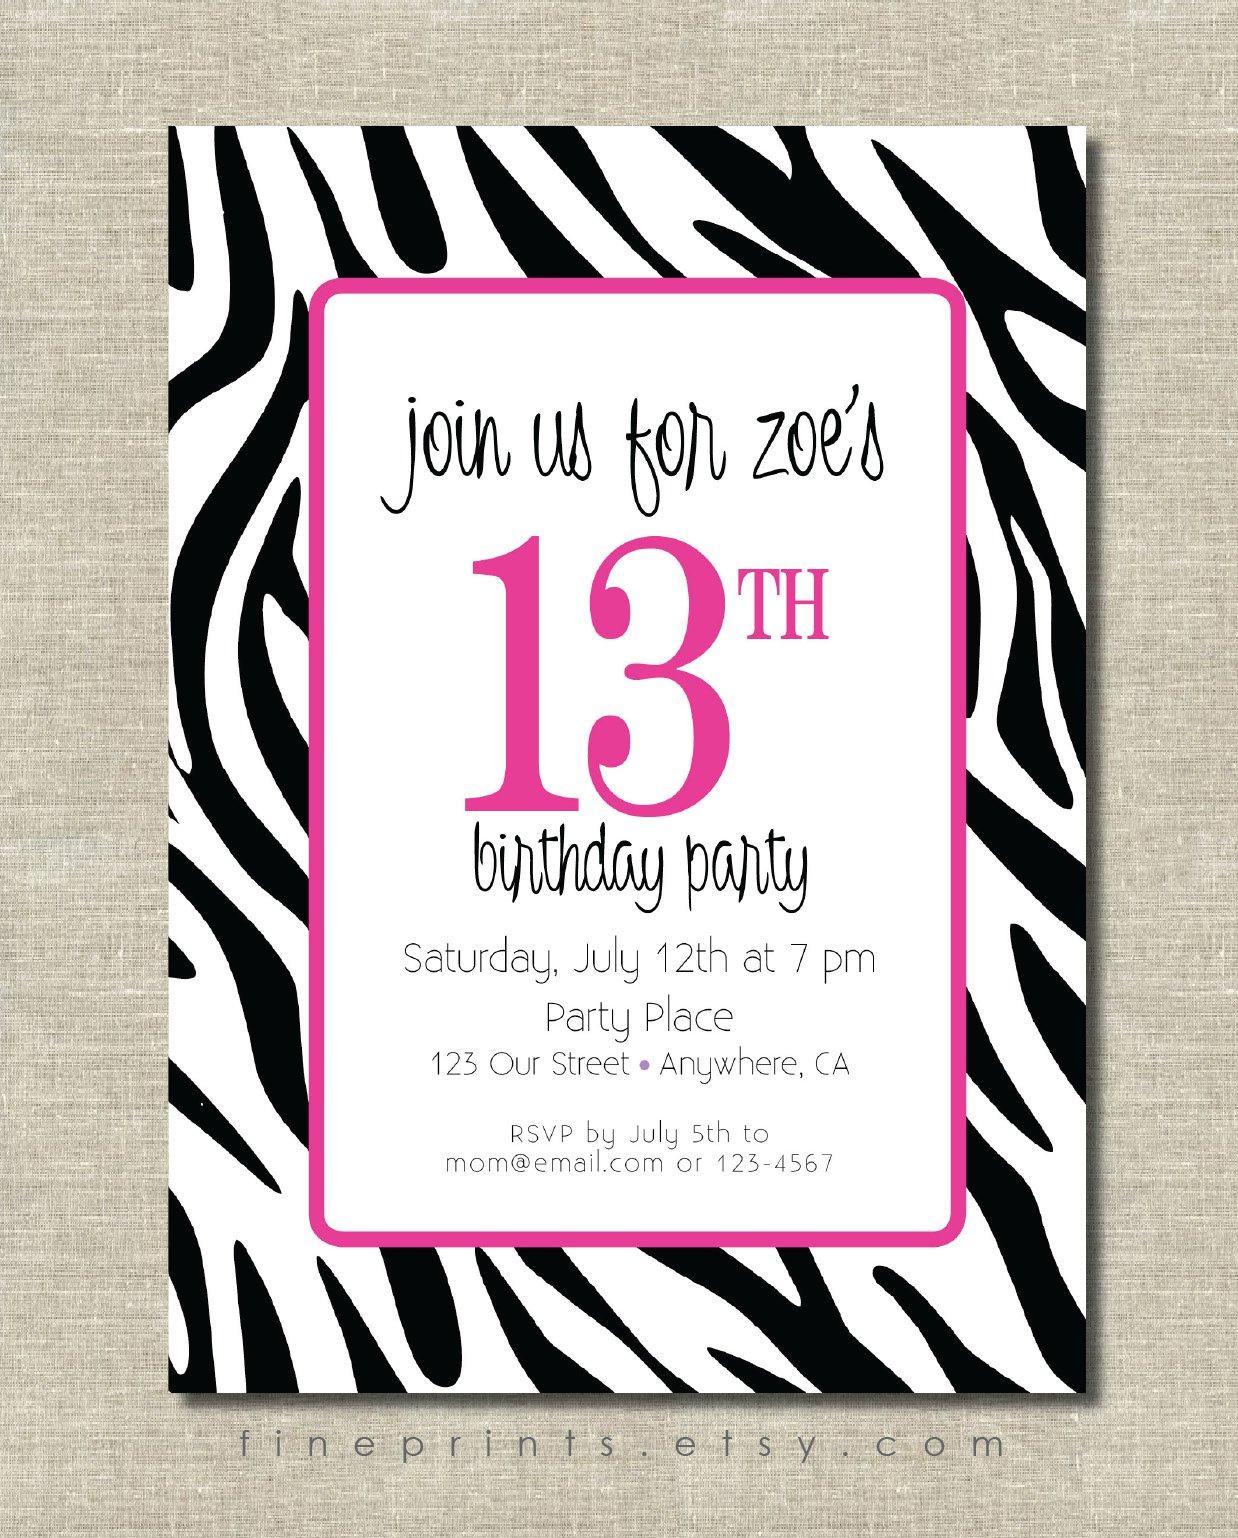 Free Zebra Print Birthday Party Invitations